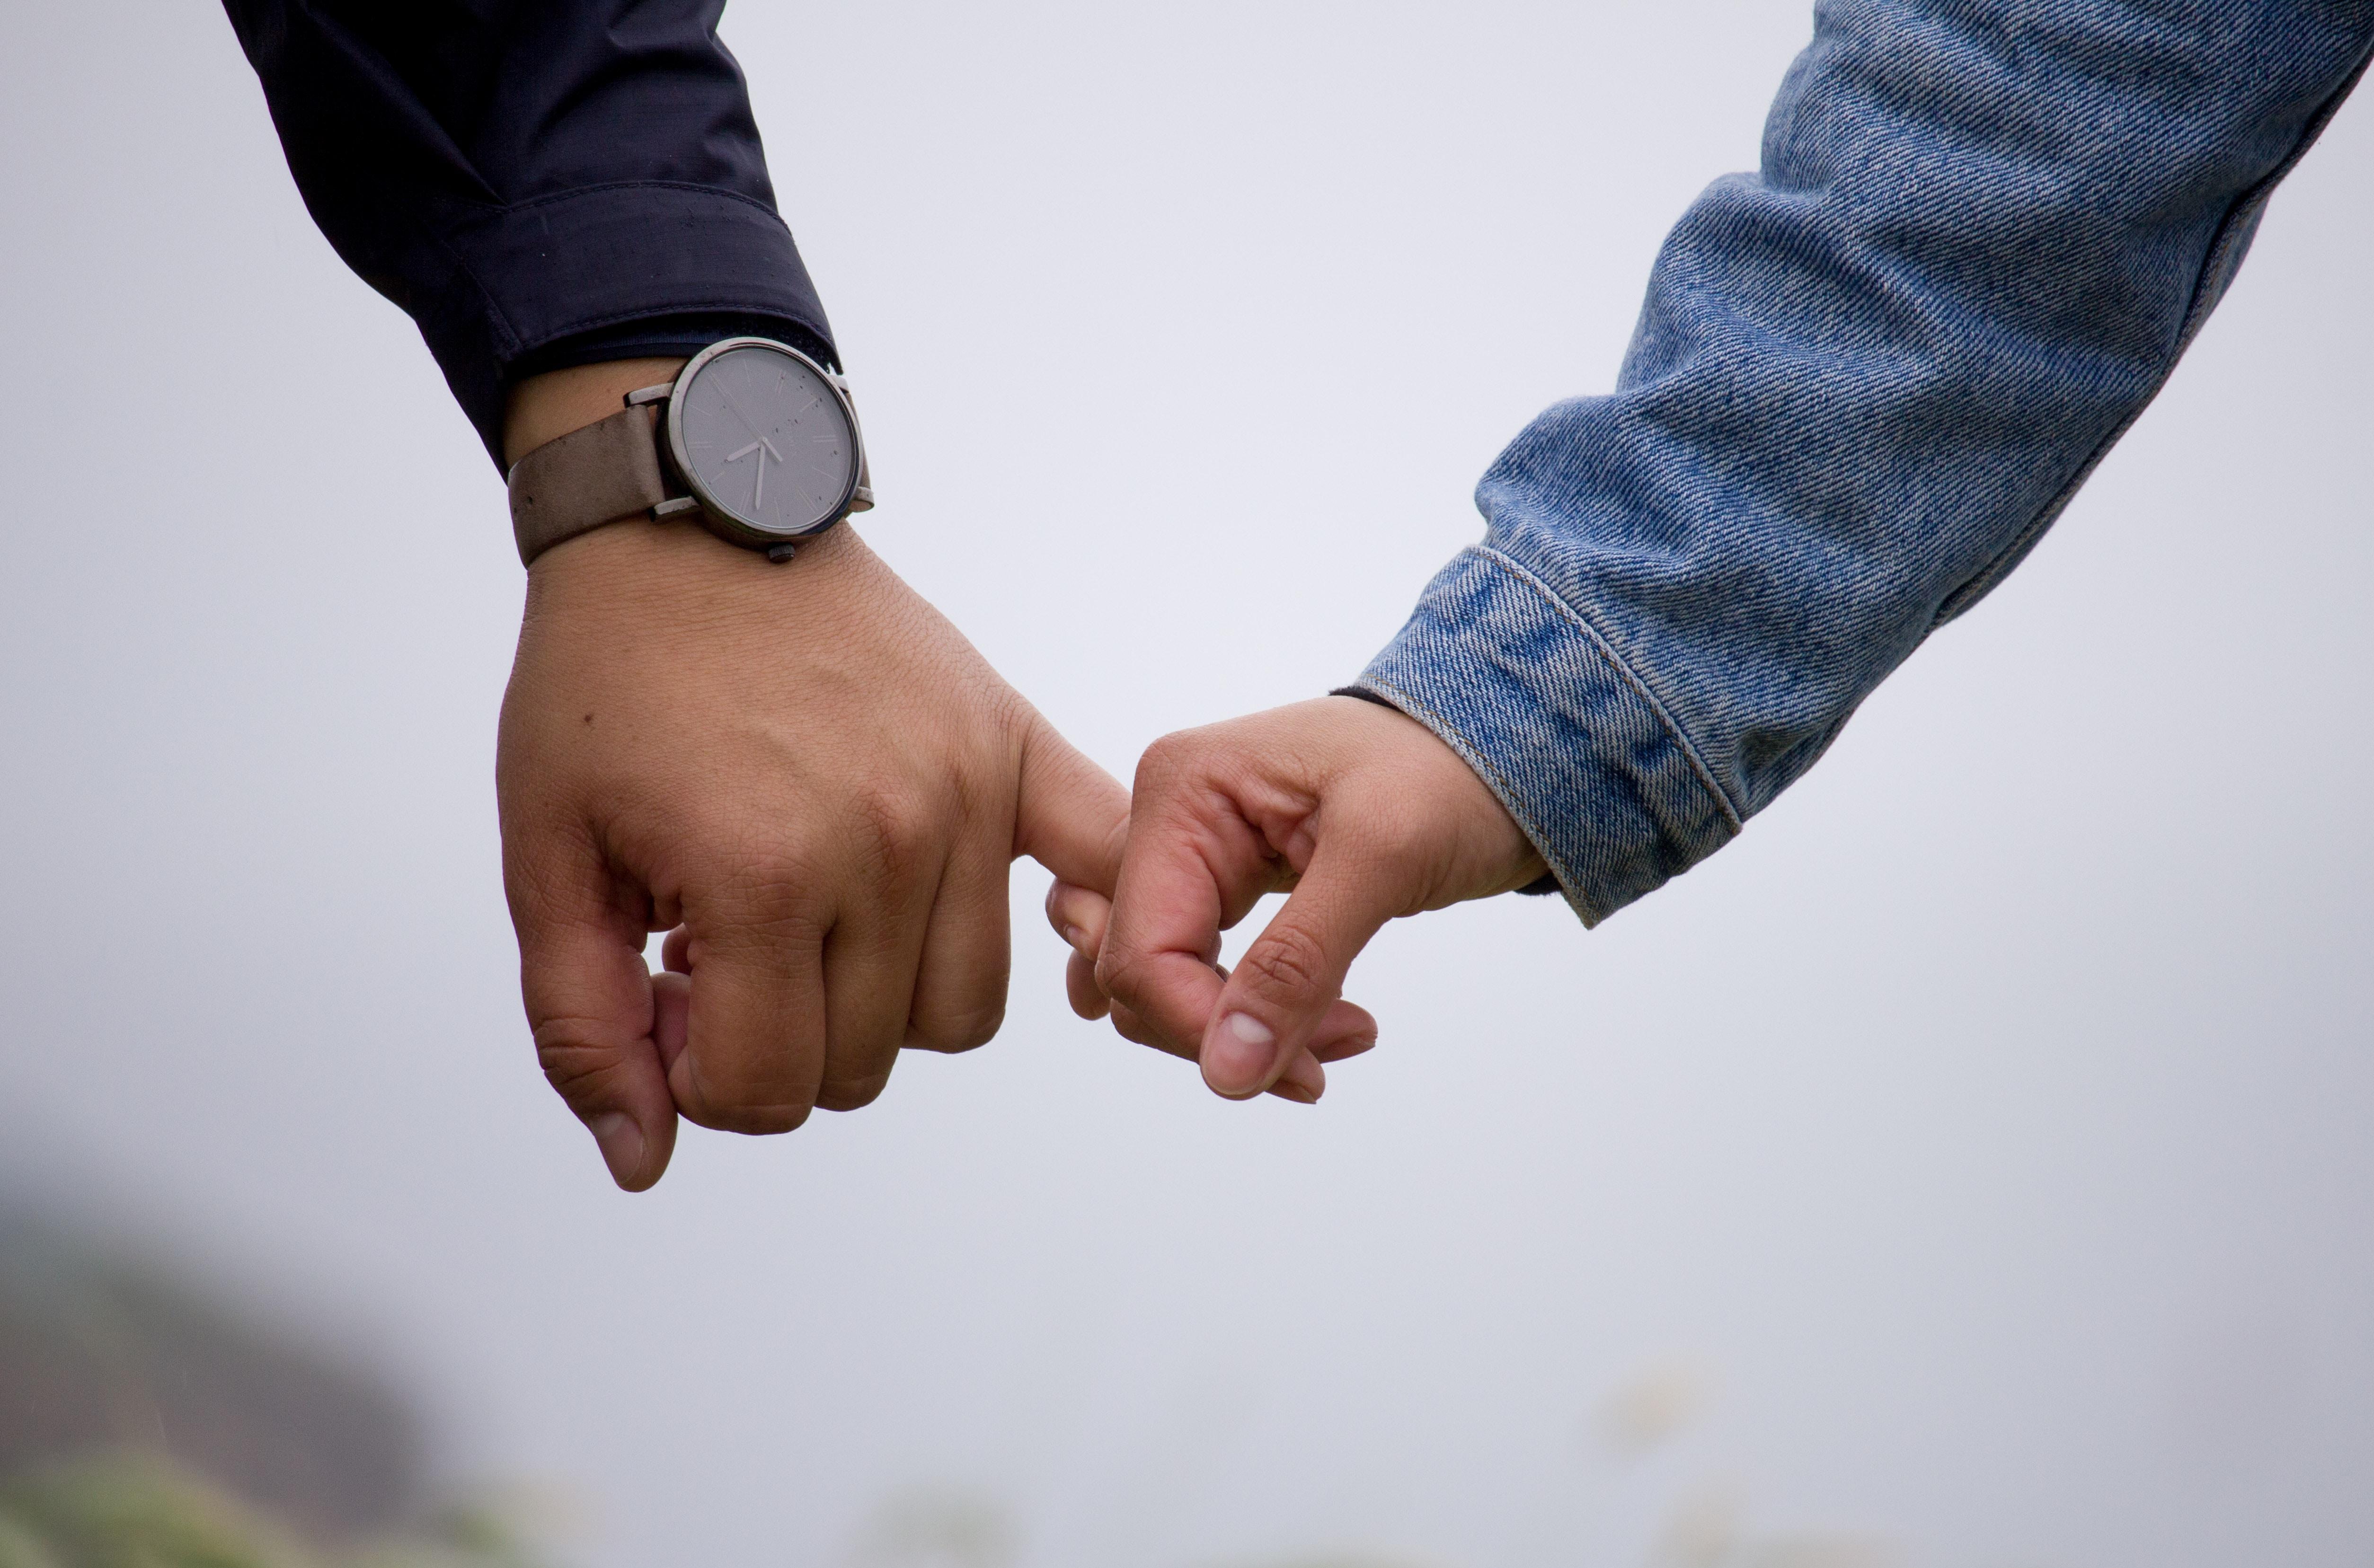 Kobietą jest jakie zainteresowany facet wysyła sygnały gdy Jak mężczyzna